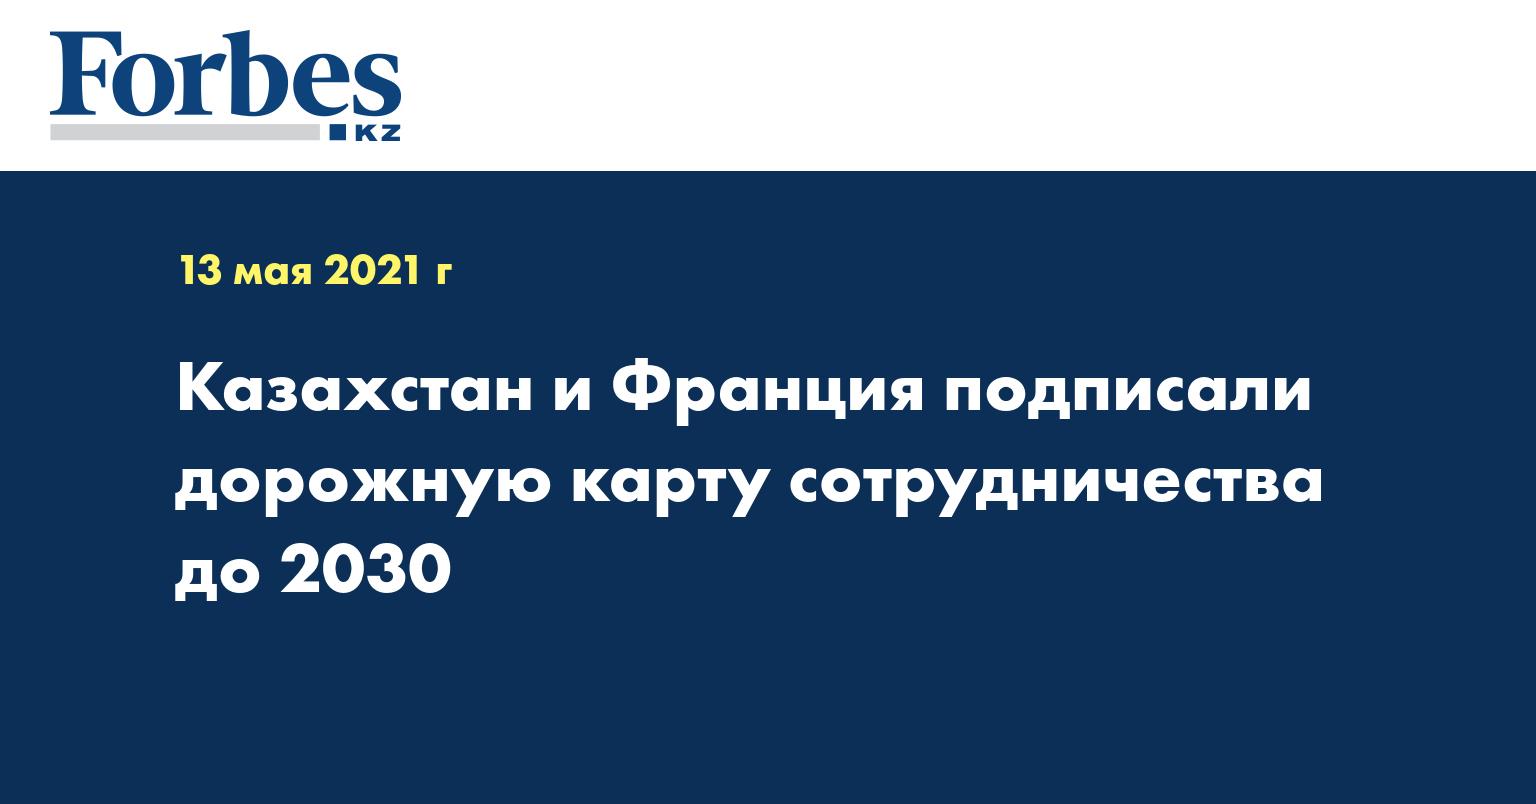 Казахстан и Франция подписали дорожную карту сотрудничества до 2030